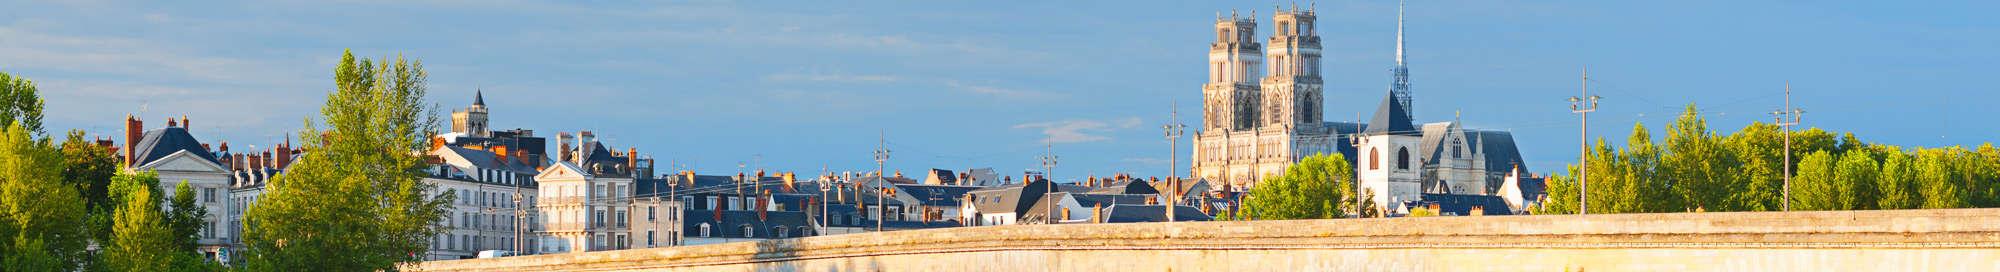 Week-end et séjour à Orléans